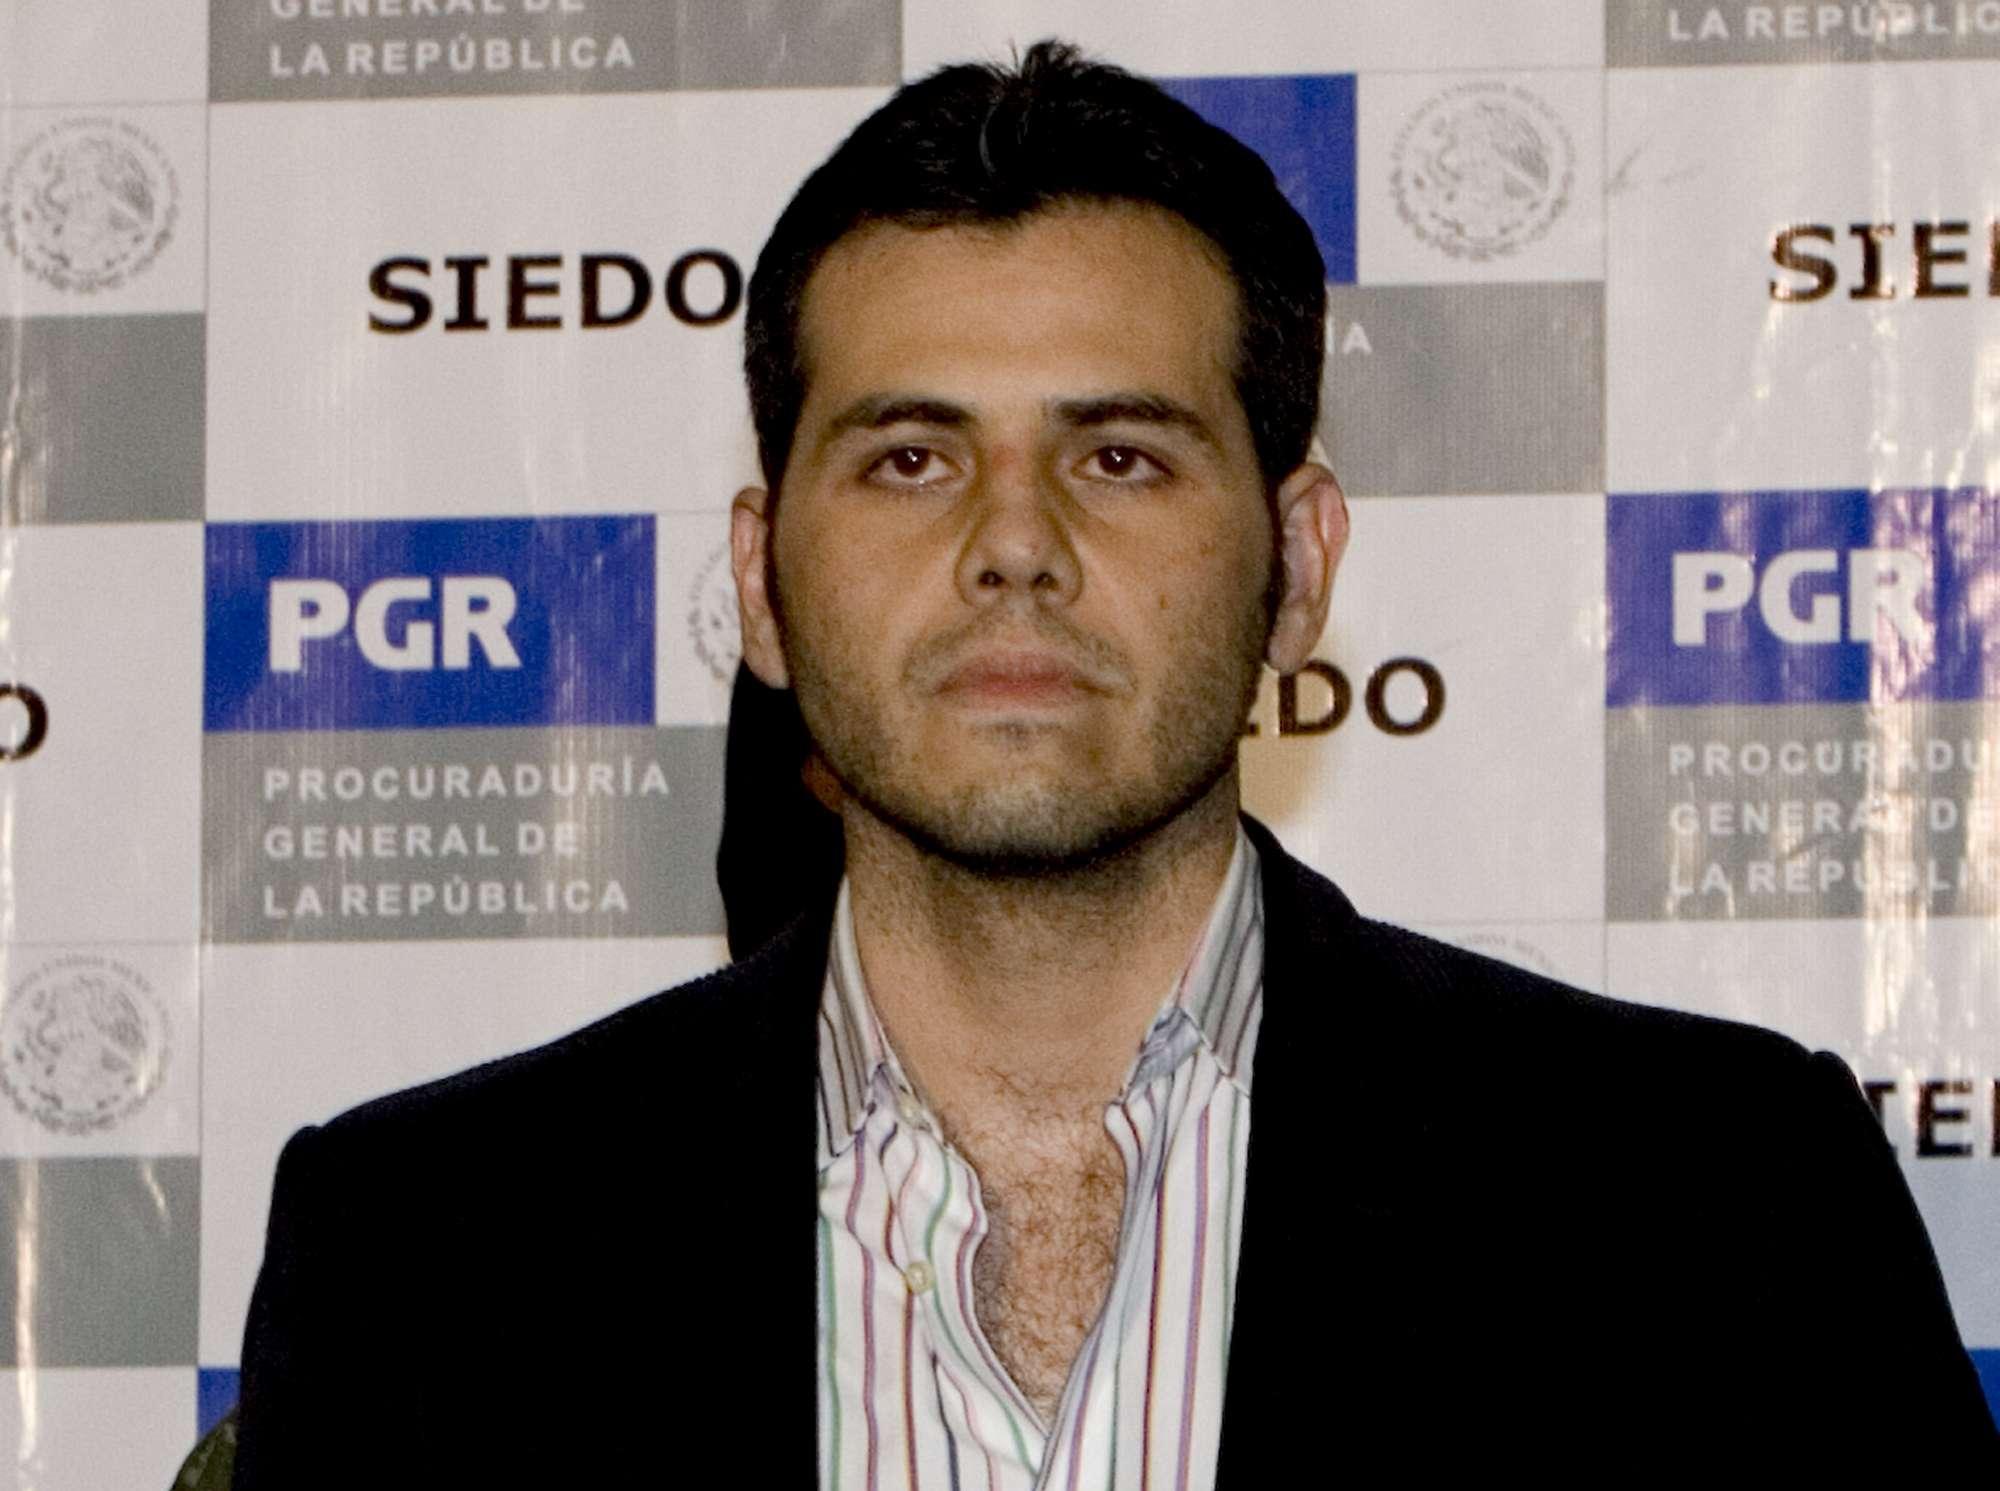 Vicente Zambada Niebla, 'El Vicentillo', dio información a la Administración Antidrogas de Estados Unidos (DEA) para capturar a Joaquín 'El Chapo' Guzmán, líder del Cártel de Sinaloa. Foto: AP en español